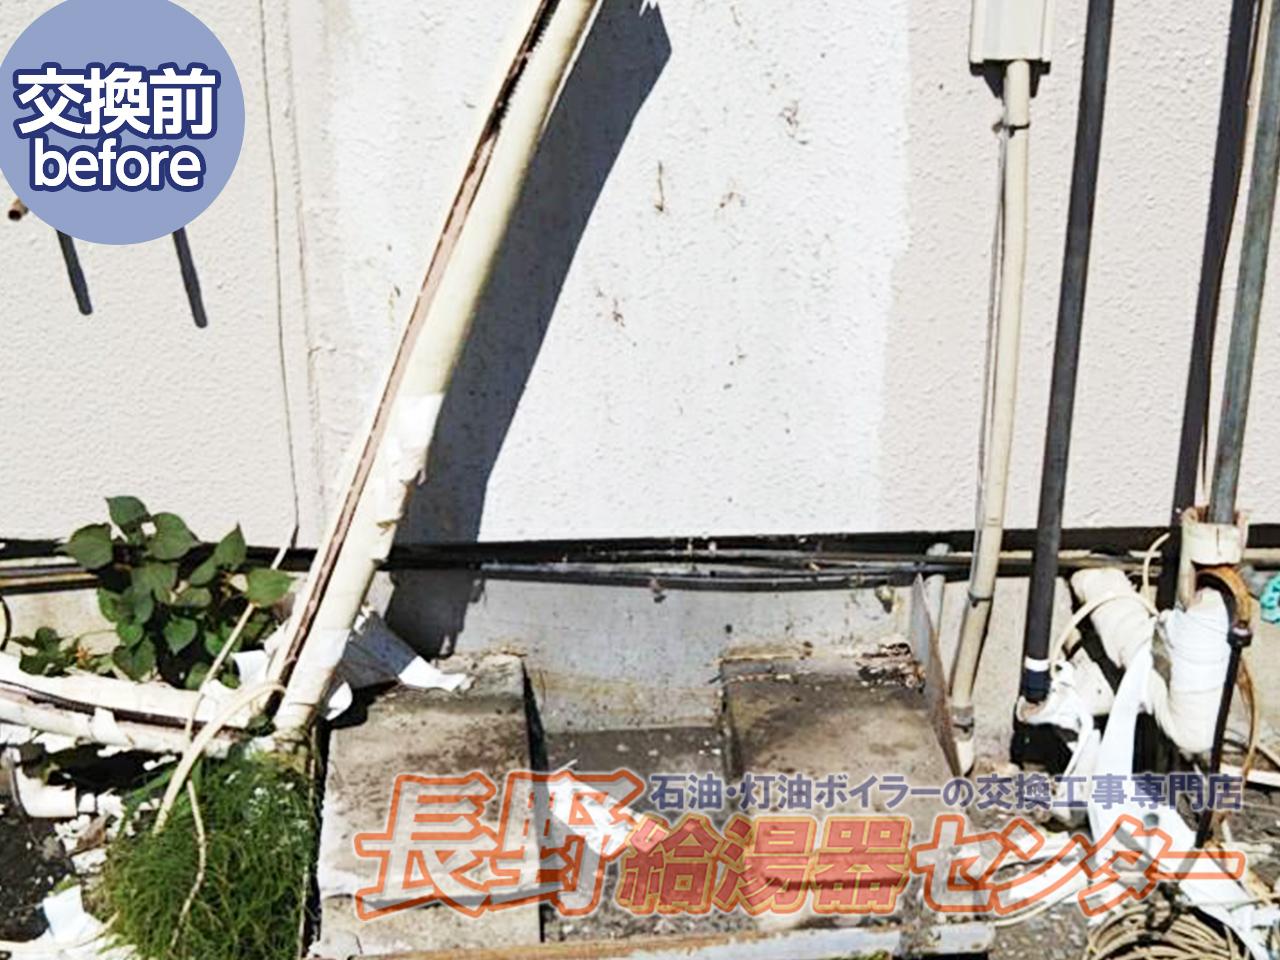 茅野市 UKB-3300TXからUKB-SA470AMXへ交換工事